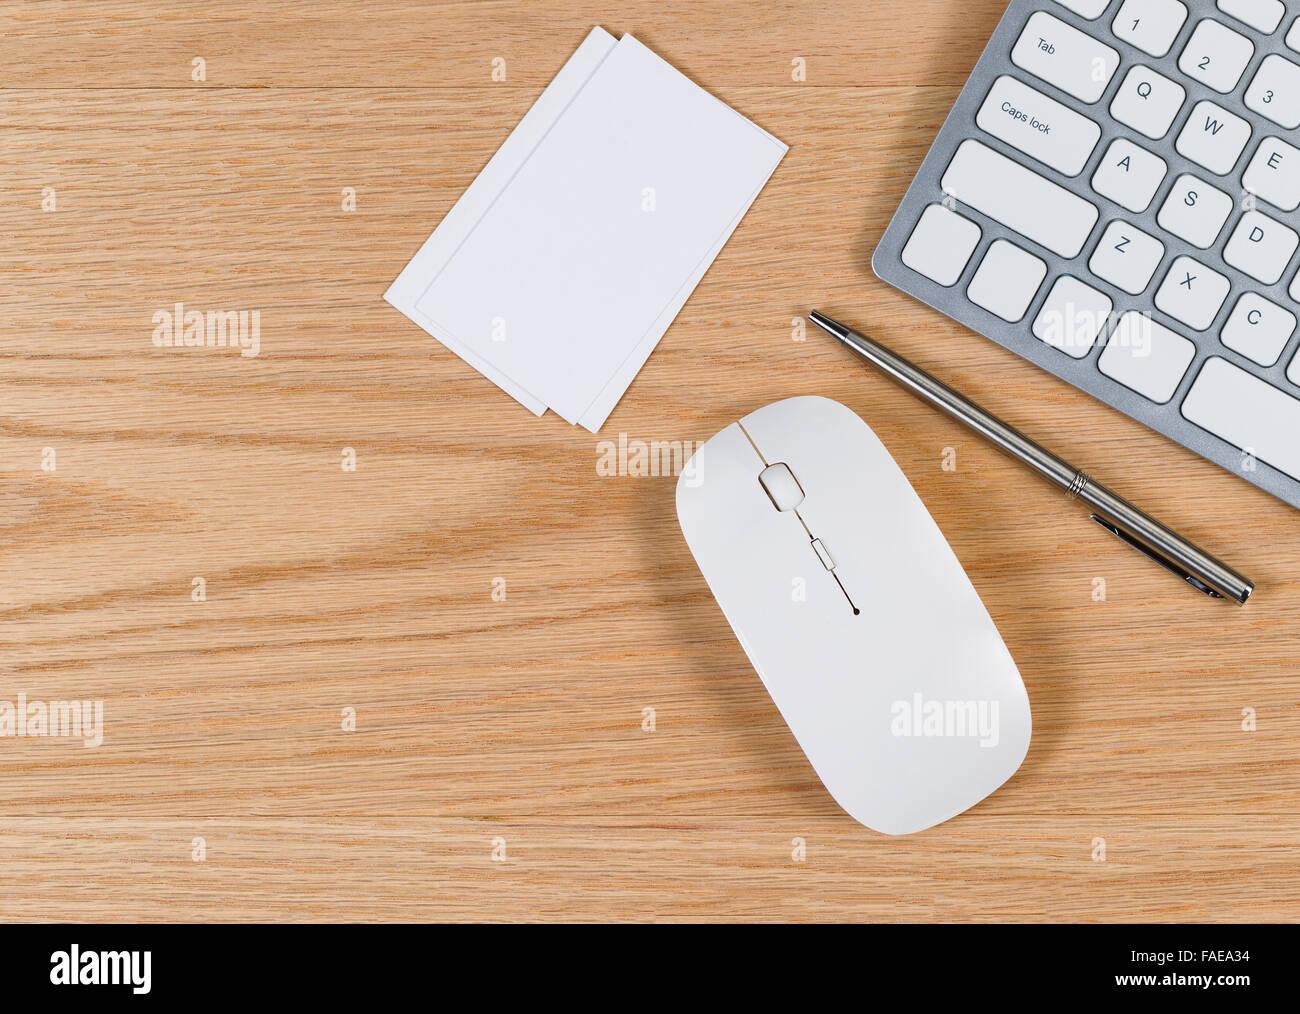 Office de bureau avec ordinateur clavier souris stylo blanc et